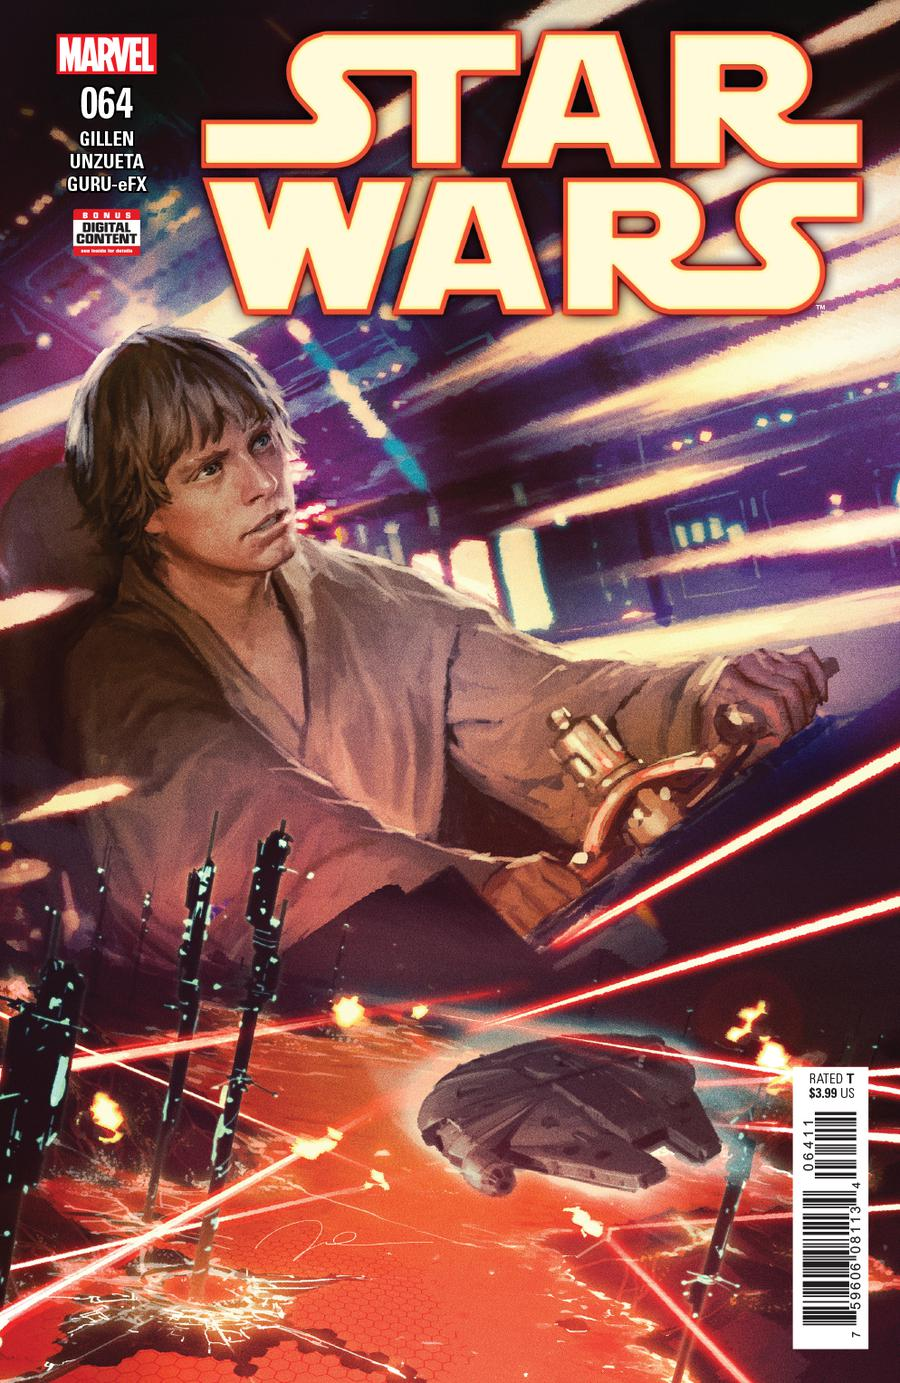 Star Wars Vol 4 #64 Cover A Regular Gerald Parel Cover